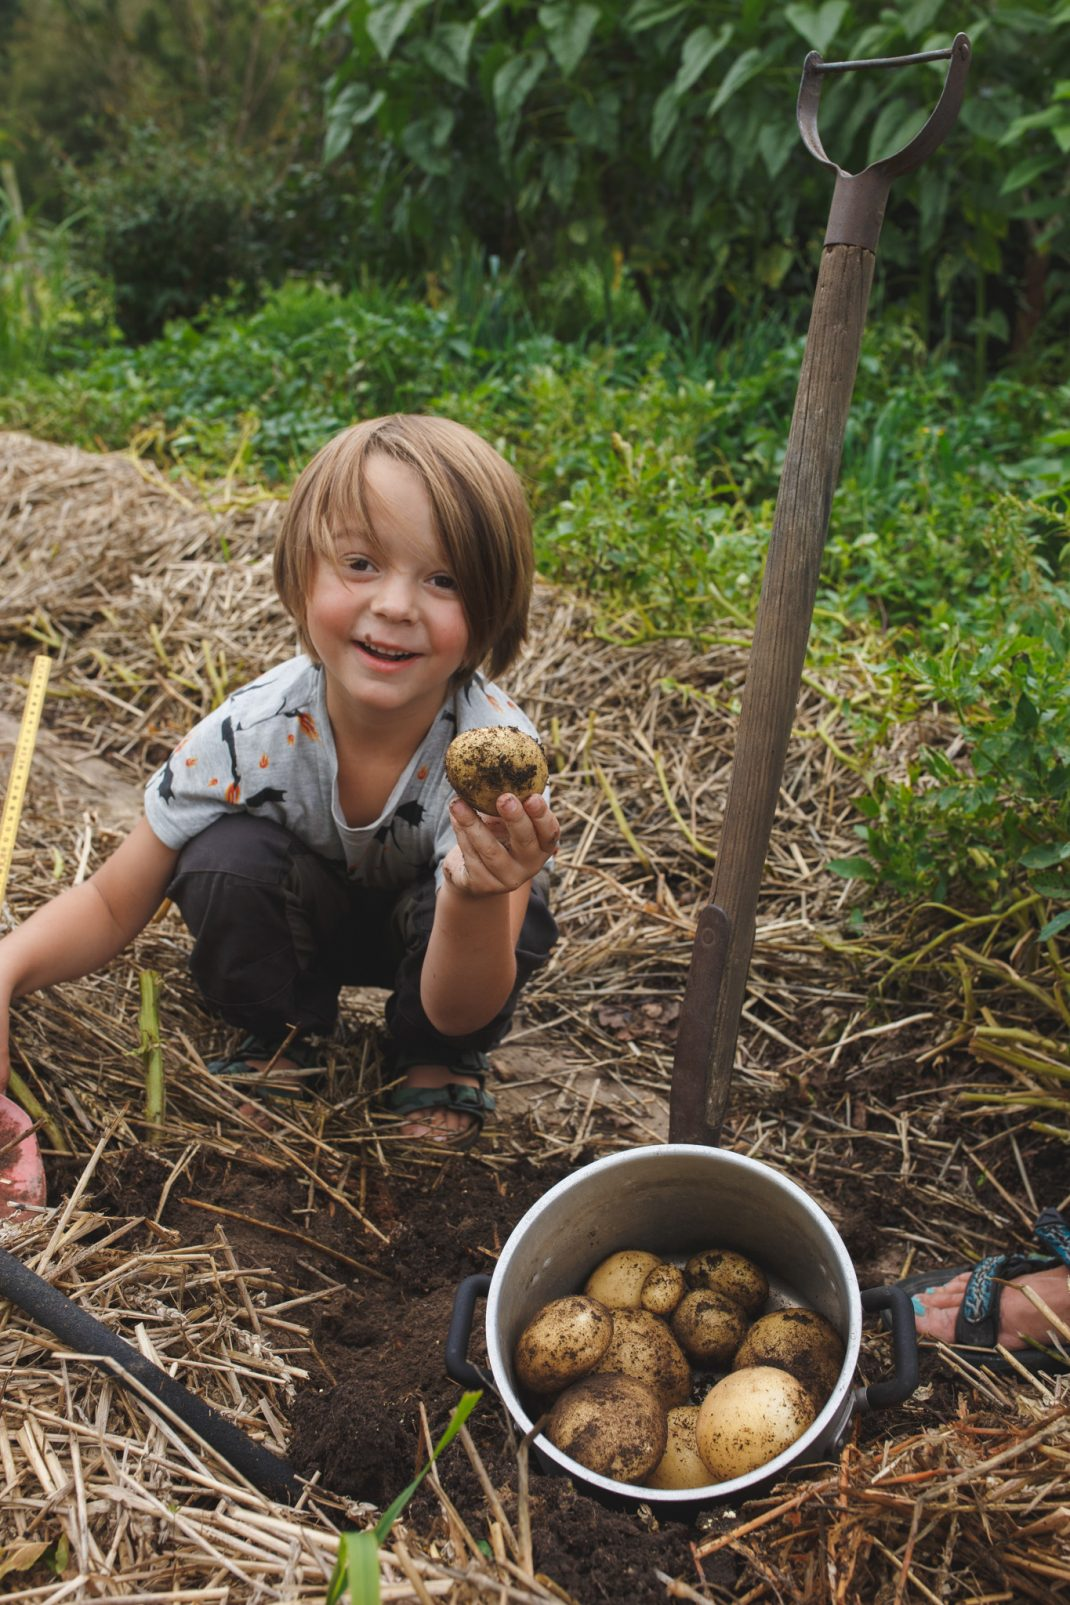 Loa med potatis i handen